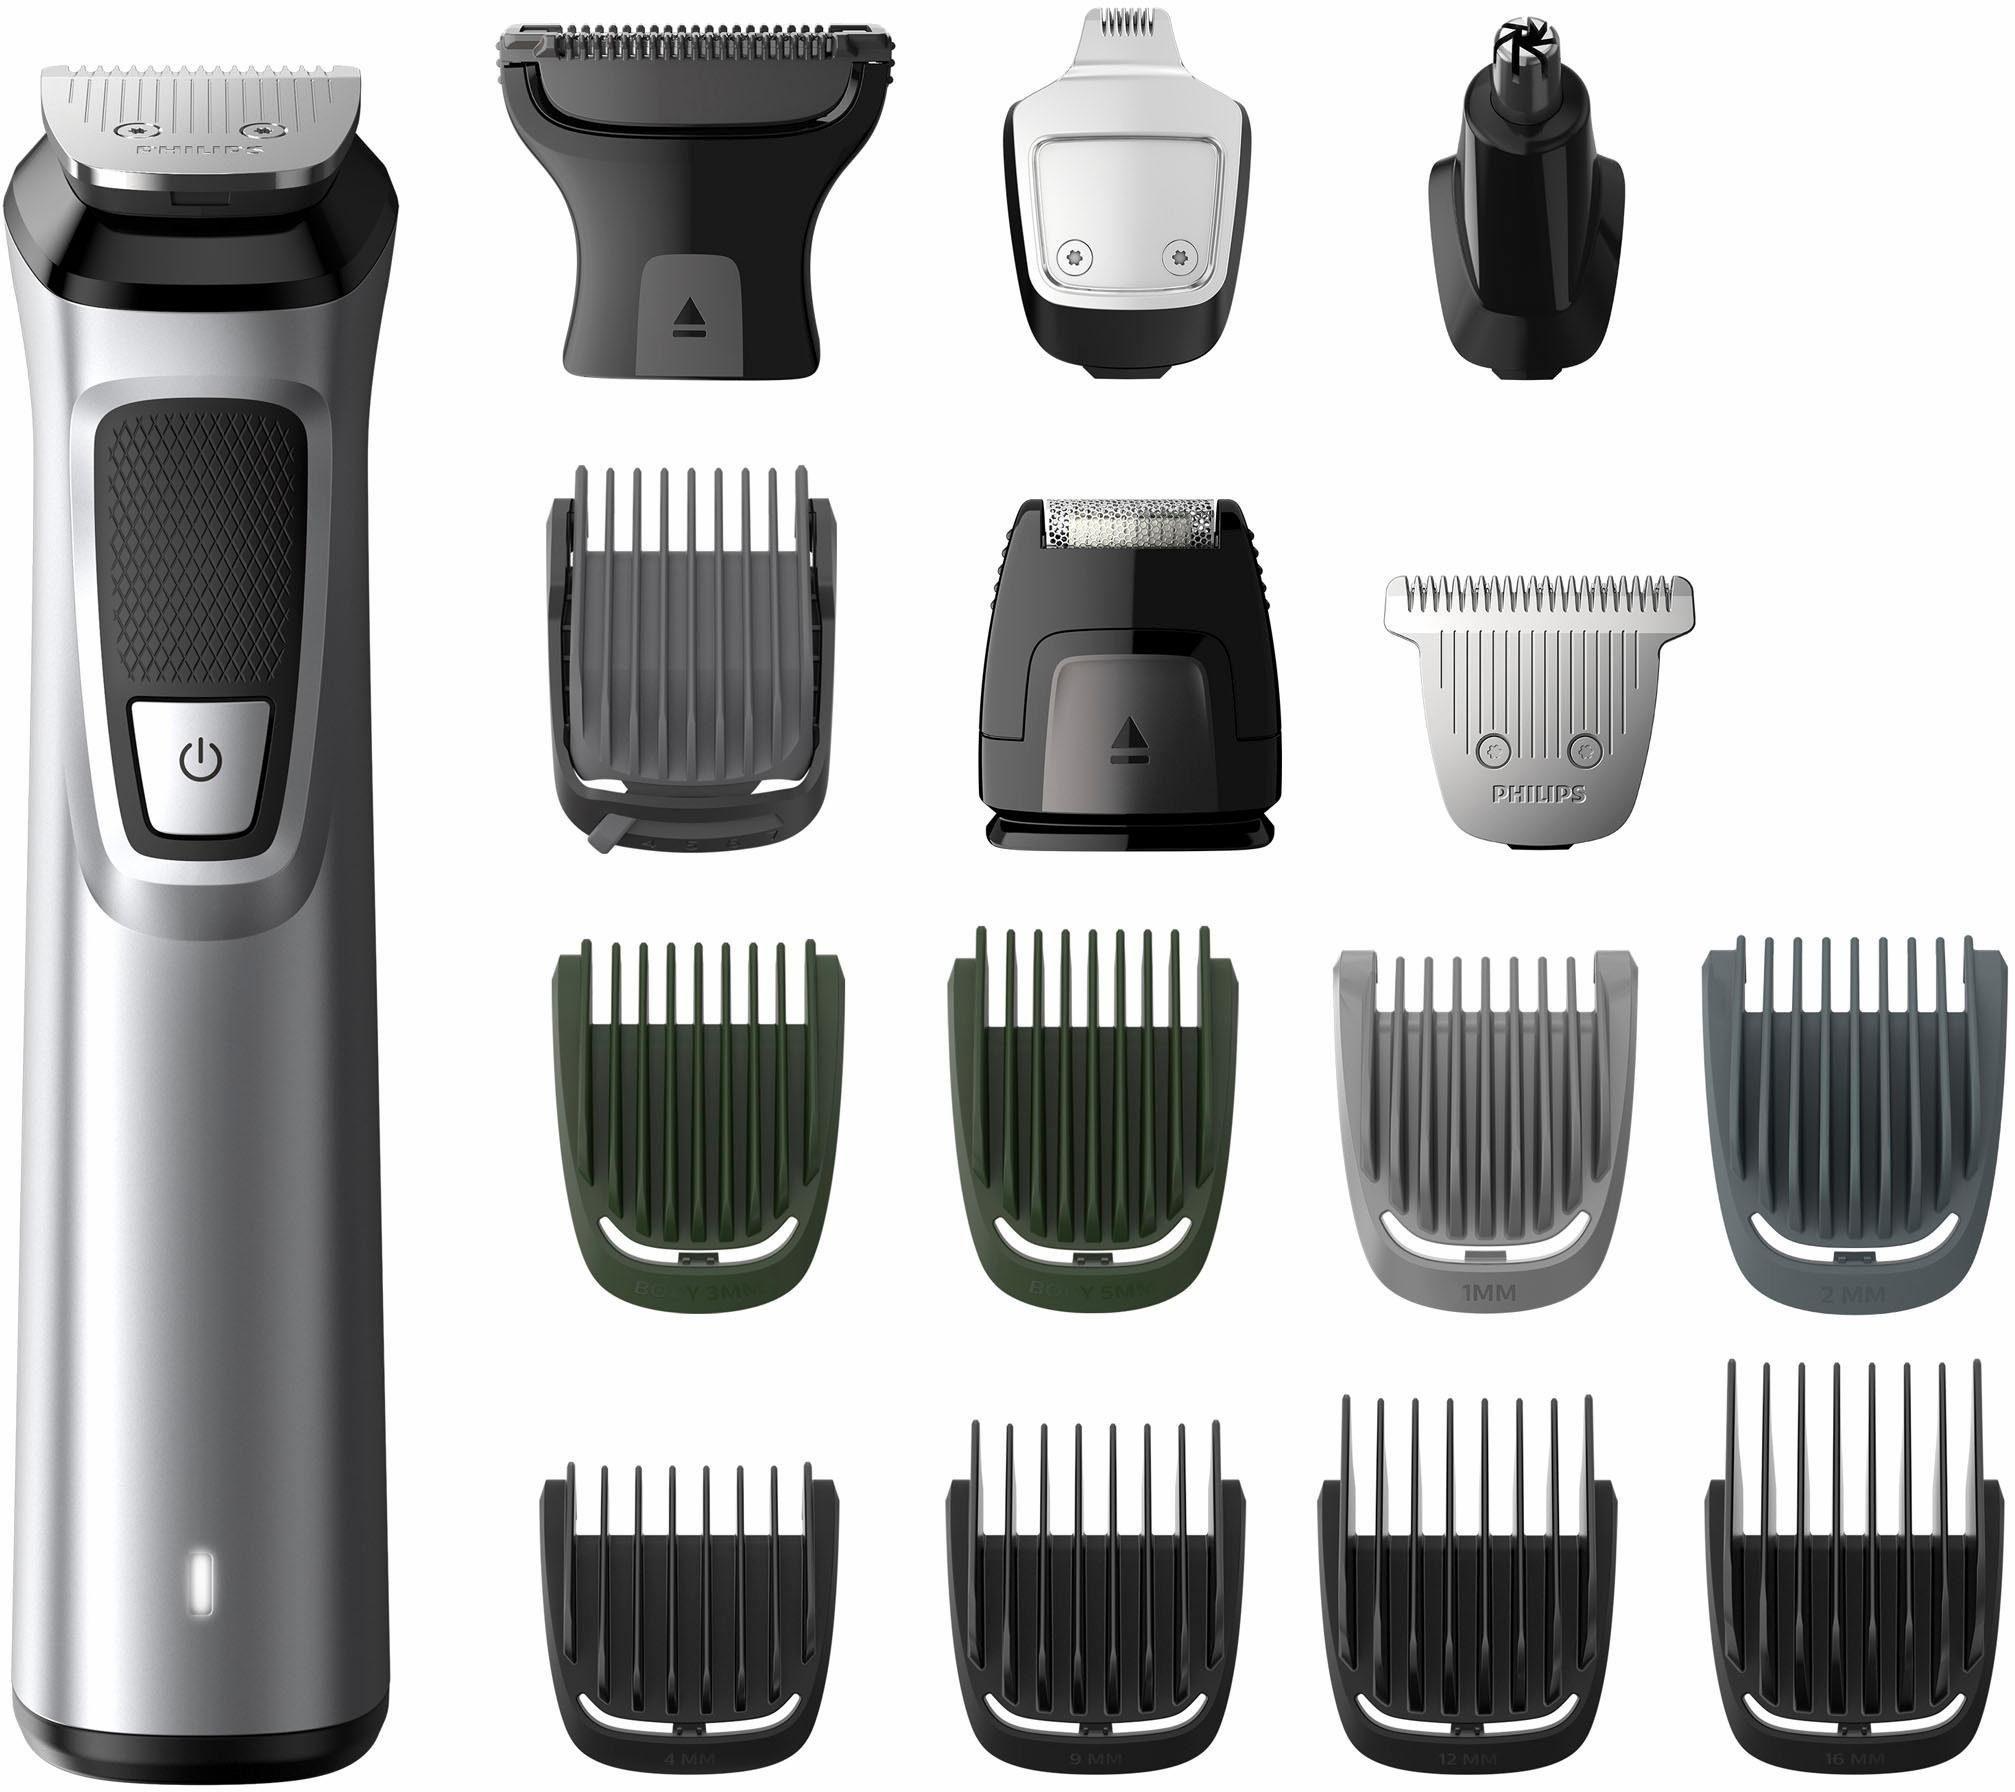 Philips Haar- und Bartschneider MG7730/15, Multigroom mit 16 hochwertigen Aufsätzen